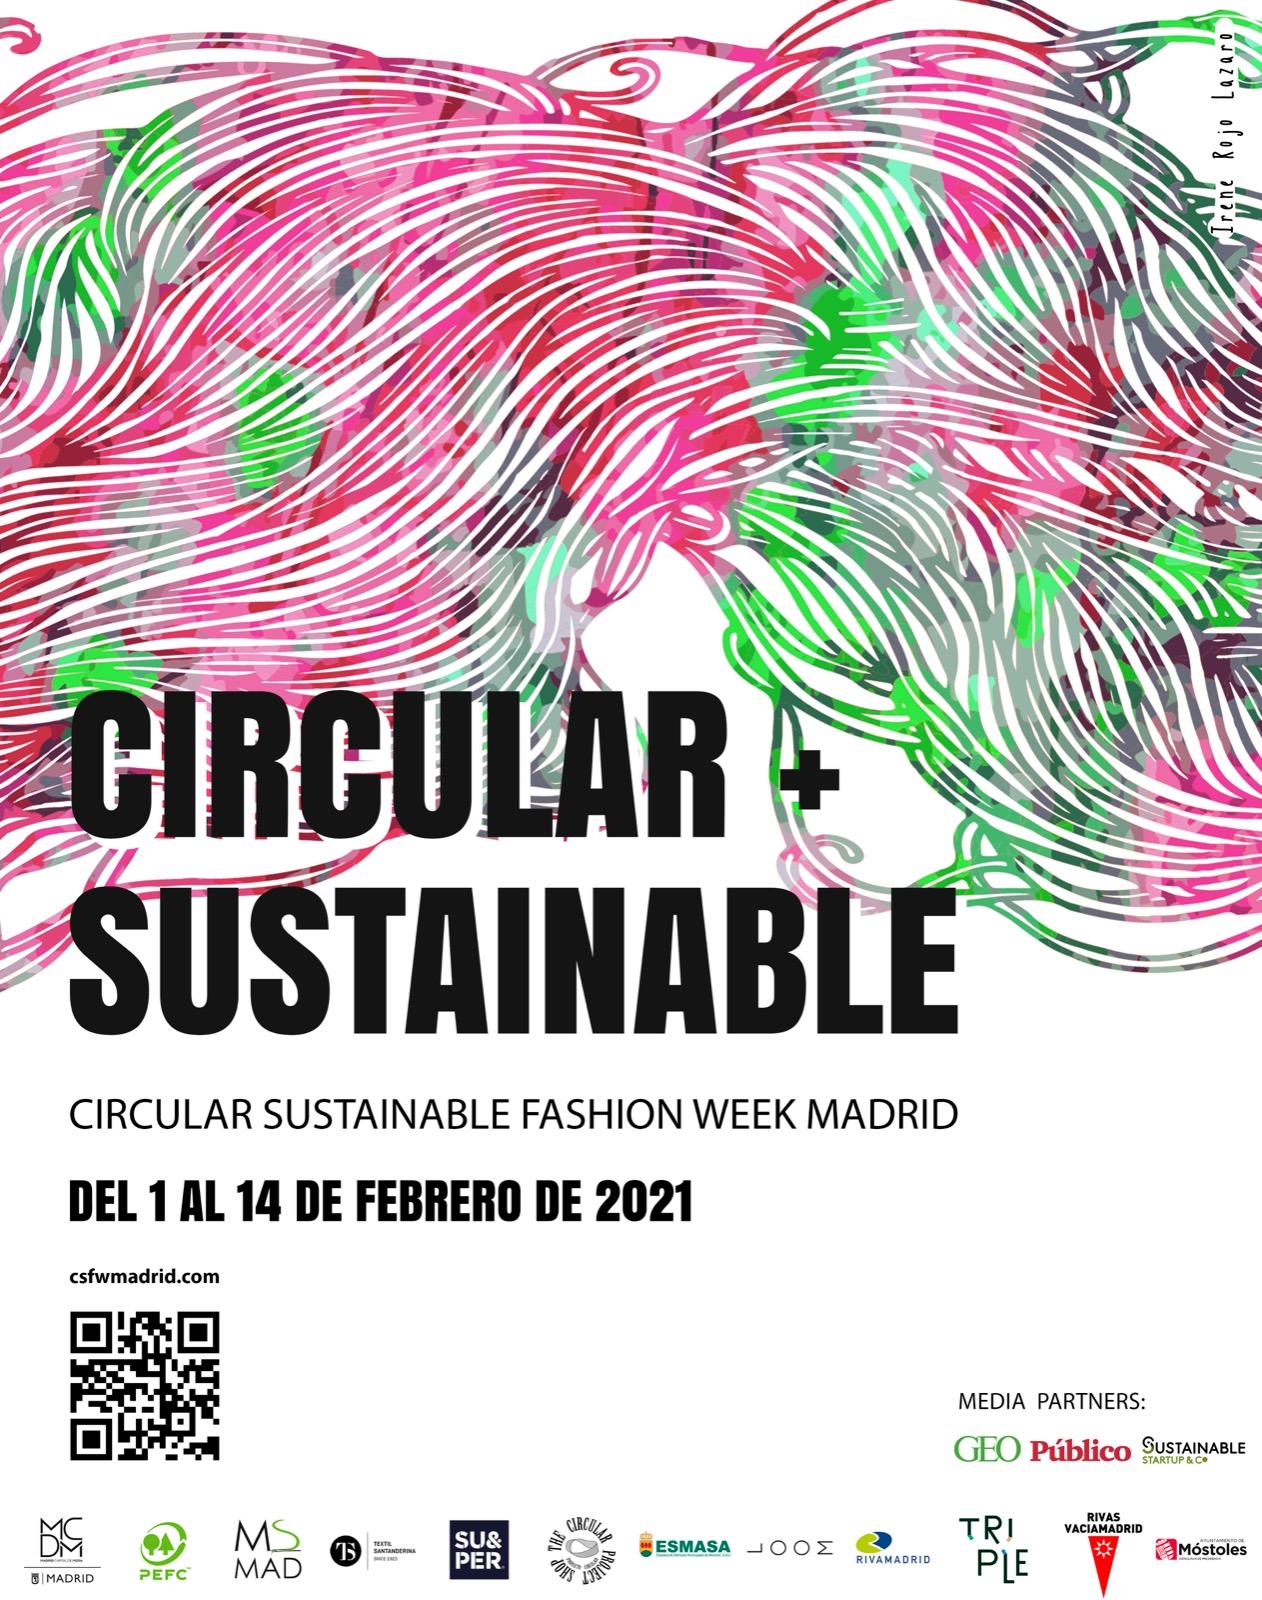 """Circular Sustainable Fashion Week Madrid 2021 """"Redefinimos la moda, reformulamos el progreso"""" Paloma G. López. Del 1 al 14 de febrero Madrid se convierte en el epicentro de la moda sostenible"""